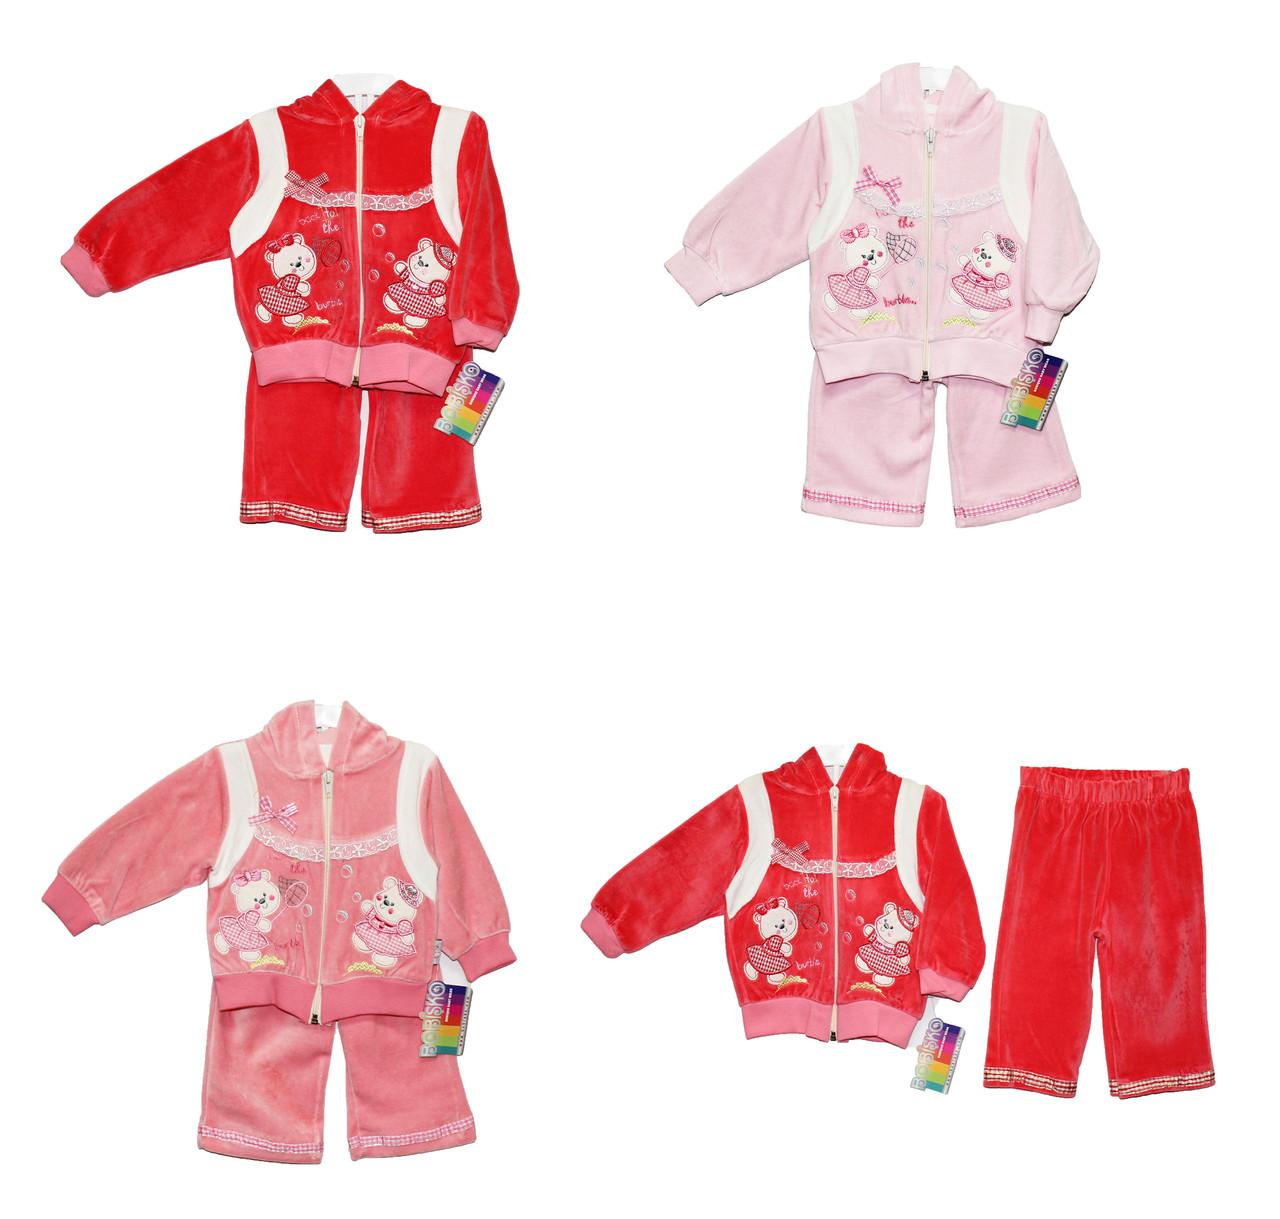 Дитячі костюми велюровий для дівчинки Bobisko 823